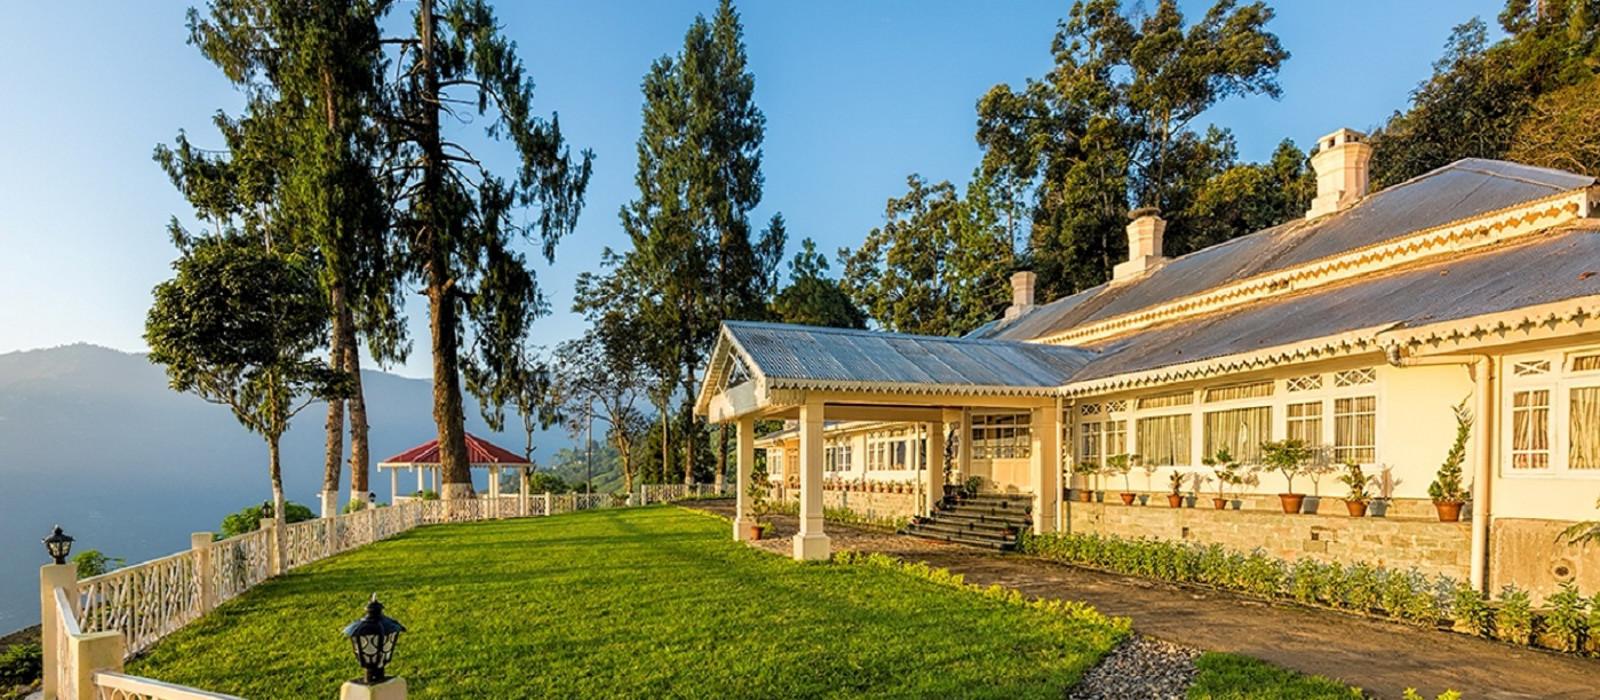 Hotel Ging Tea Estate Himalayas